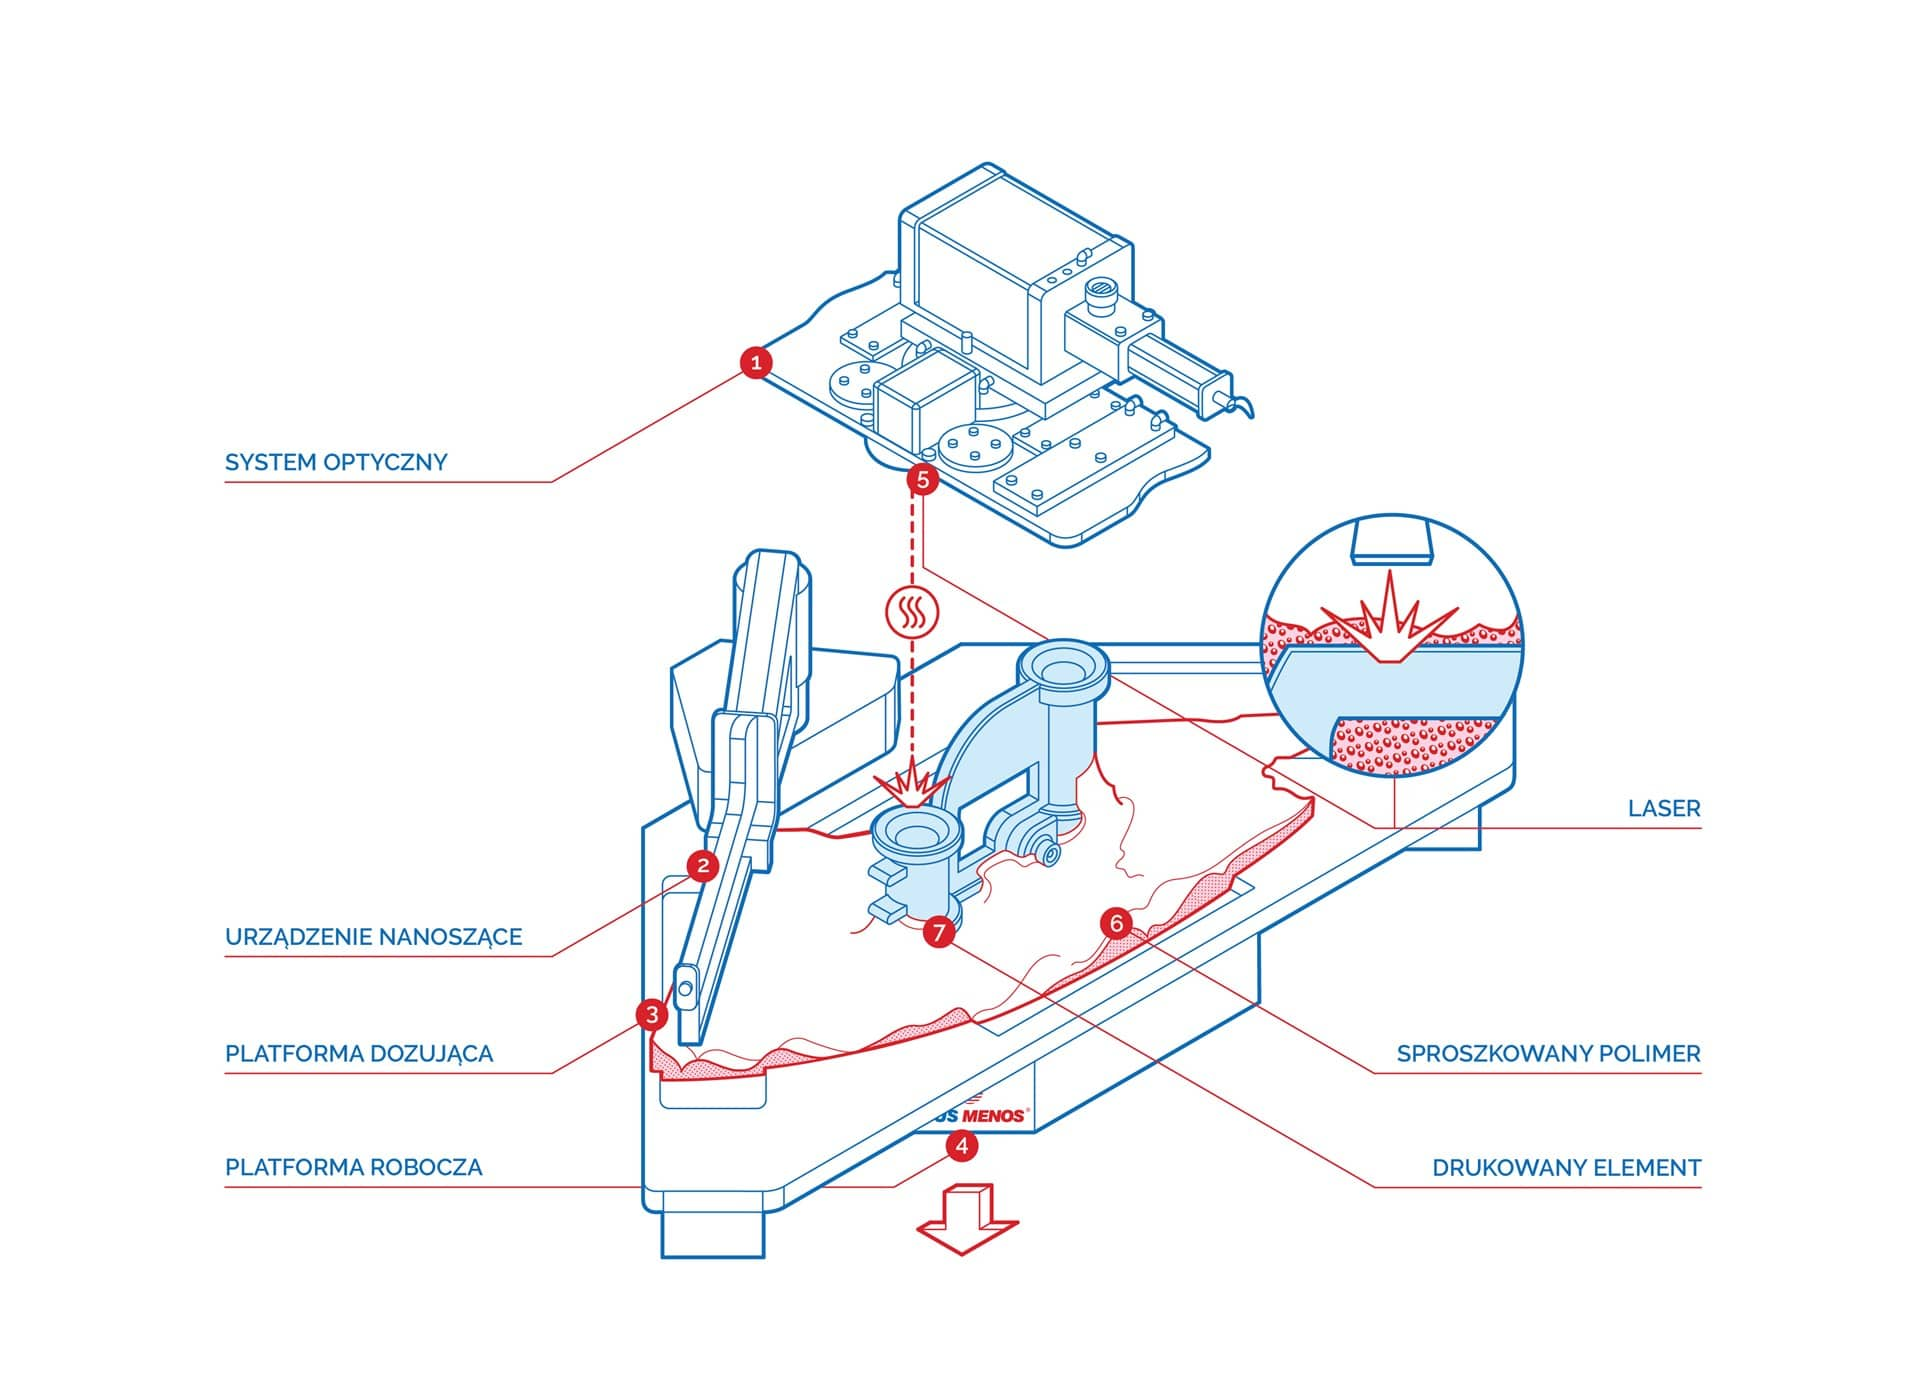 Technologia SLS - schemat o zasada działania